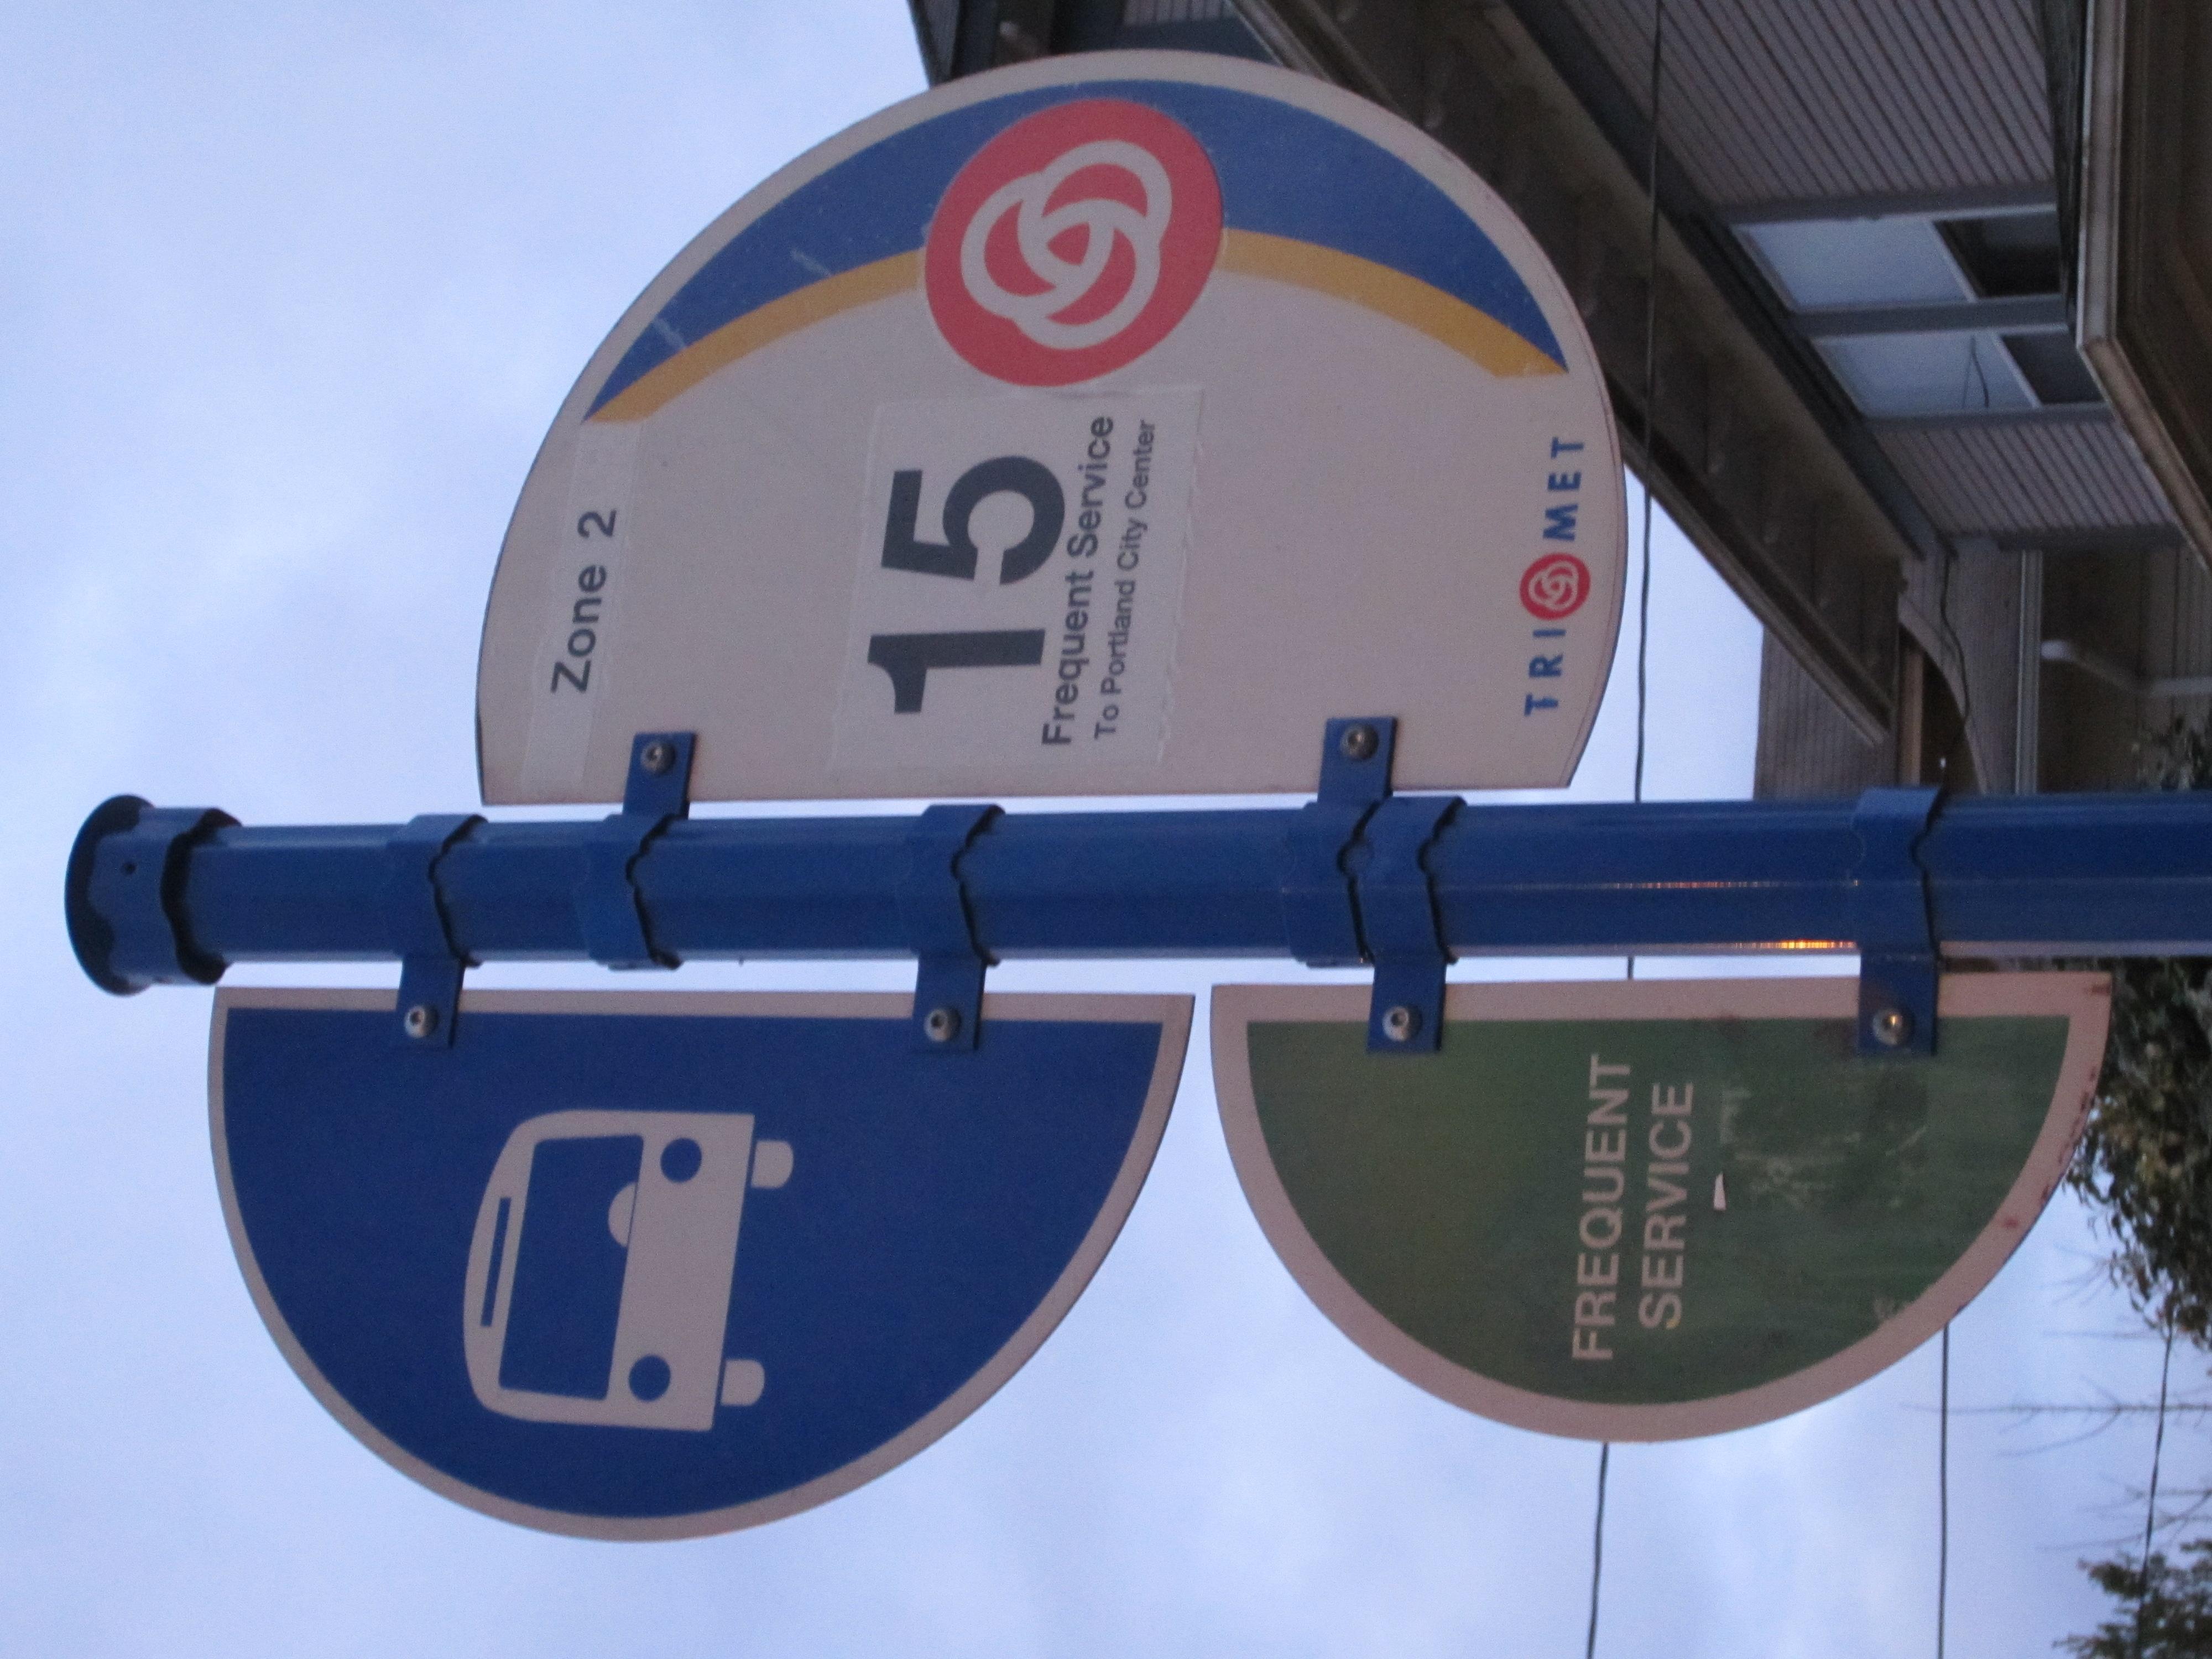 File:TriMet Number 15 bus stop sign, Portland, Oregon.JPG ...